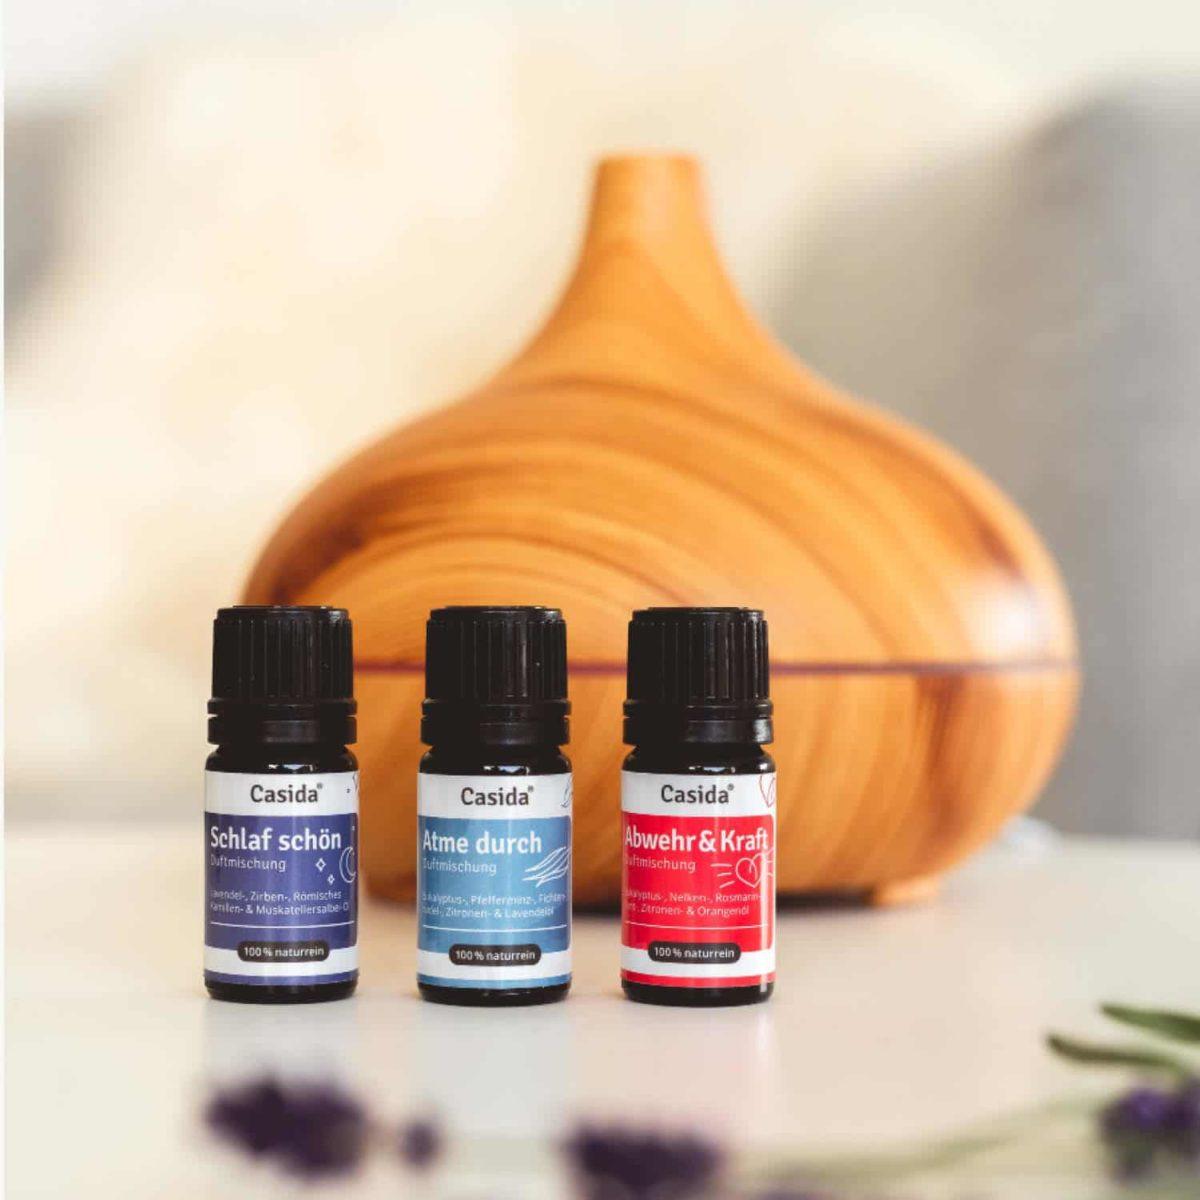 Casida Duftmischung Klare Gedanken - 5 ml 17394500 PZN Apotheke Fokussierung Aromatherapie Aromapflege Aromaschmuck Diffuser8